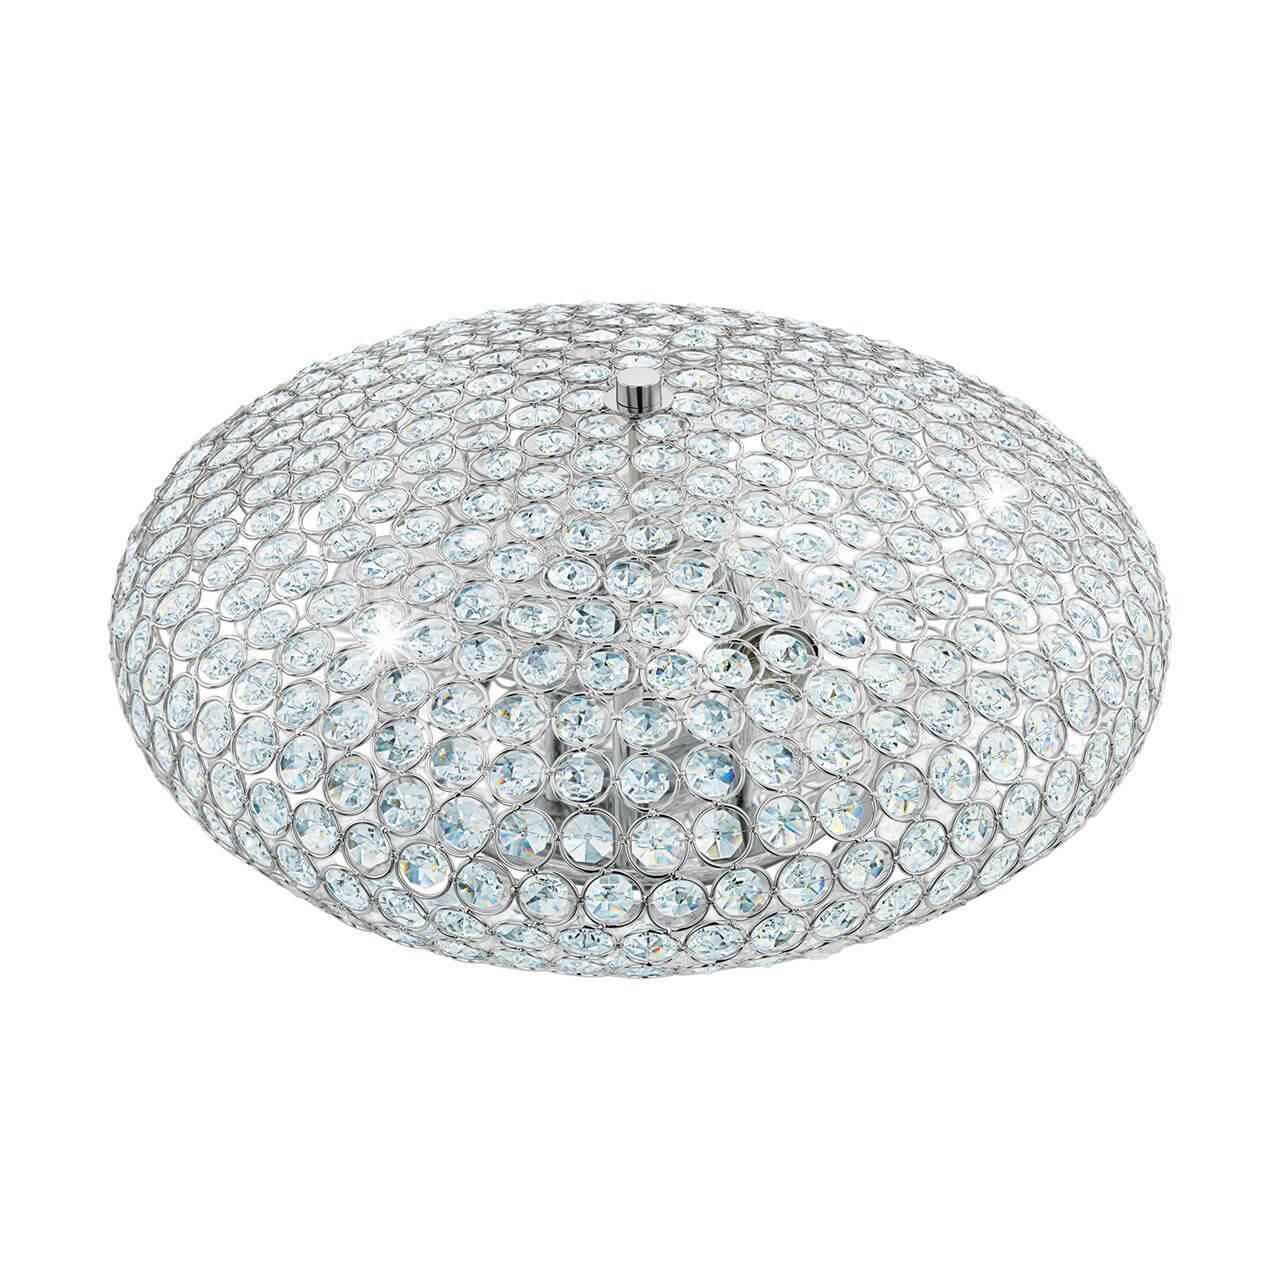 Потолочный светильник Eglo Clemente 95285 подвесной светильник eglo clemente 95286